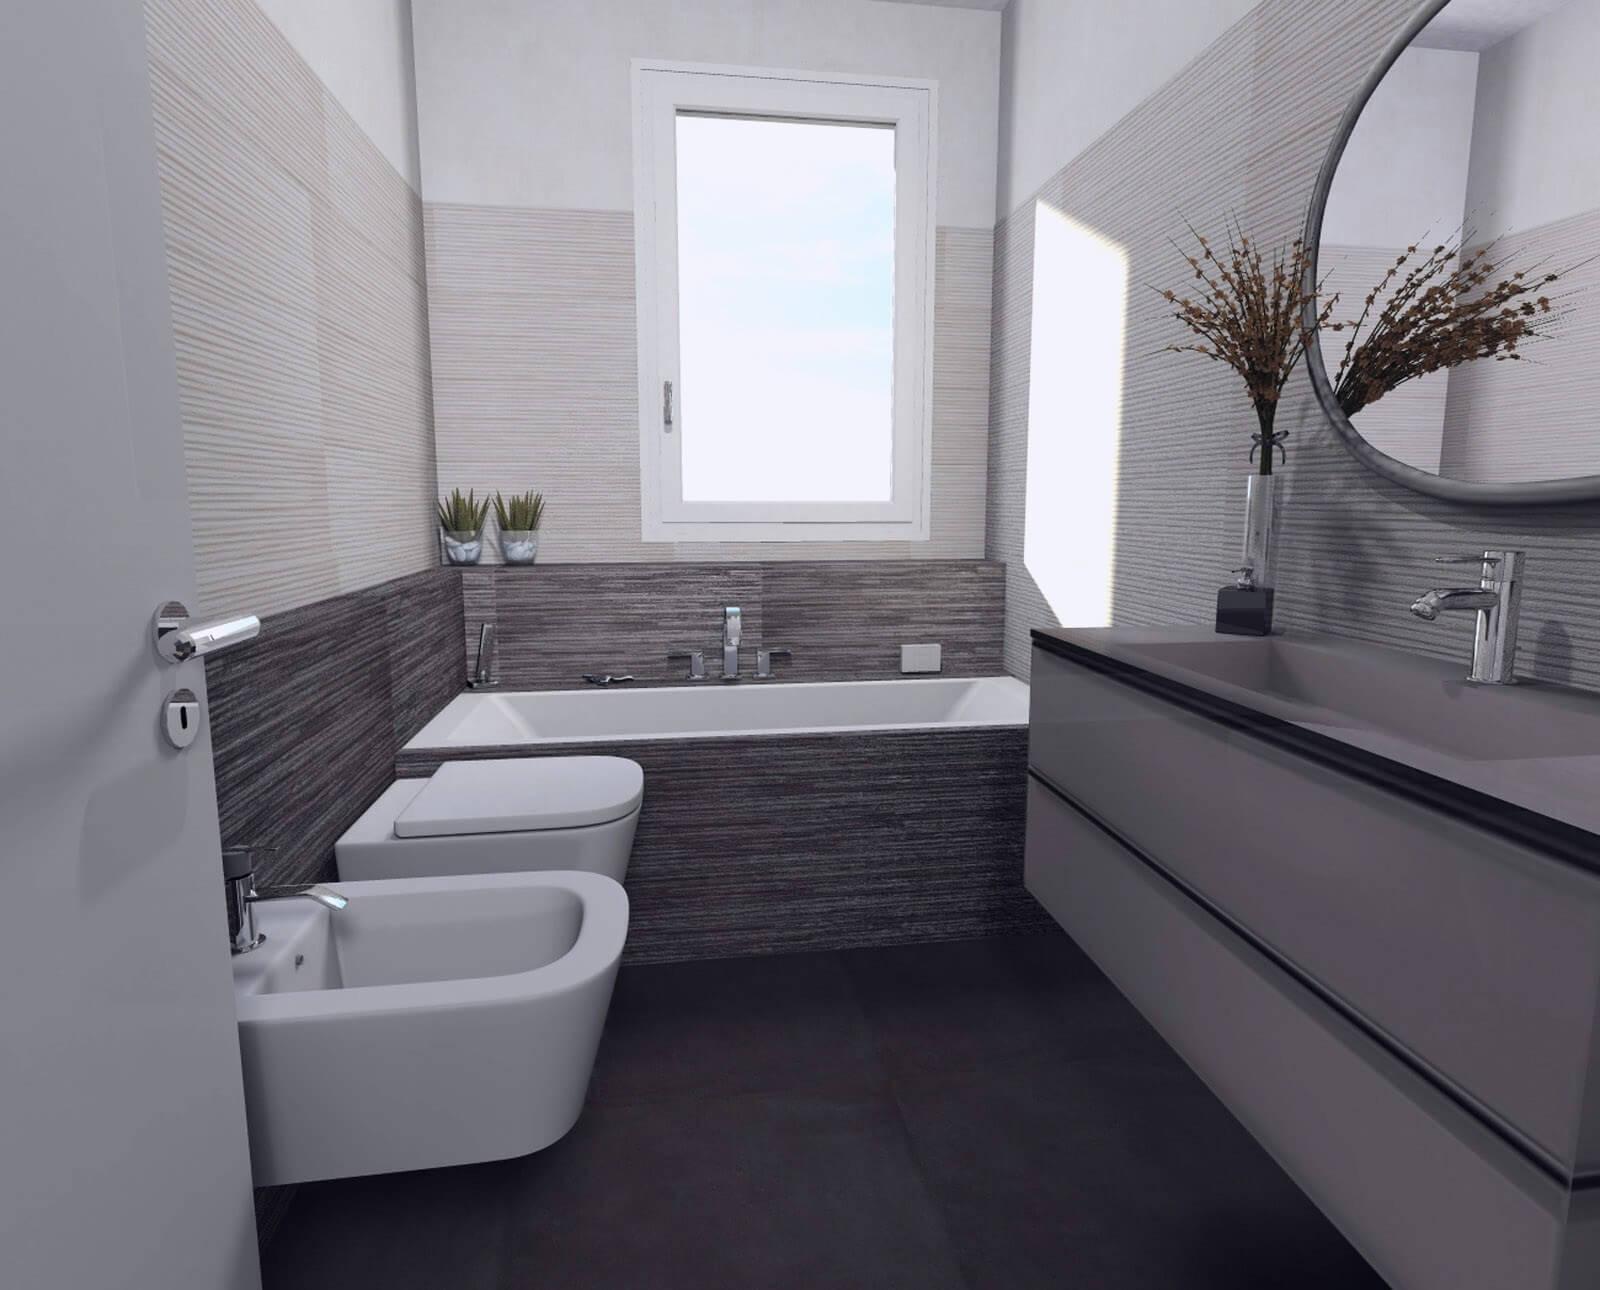 Miglior lavabo per il bagno moderno offerte e prezzi for Prezzi lavabo bagno